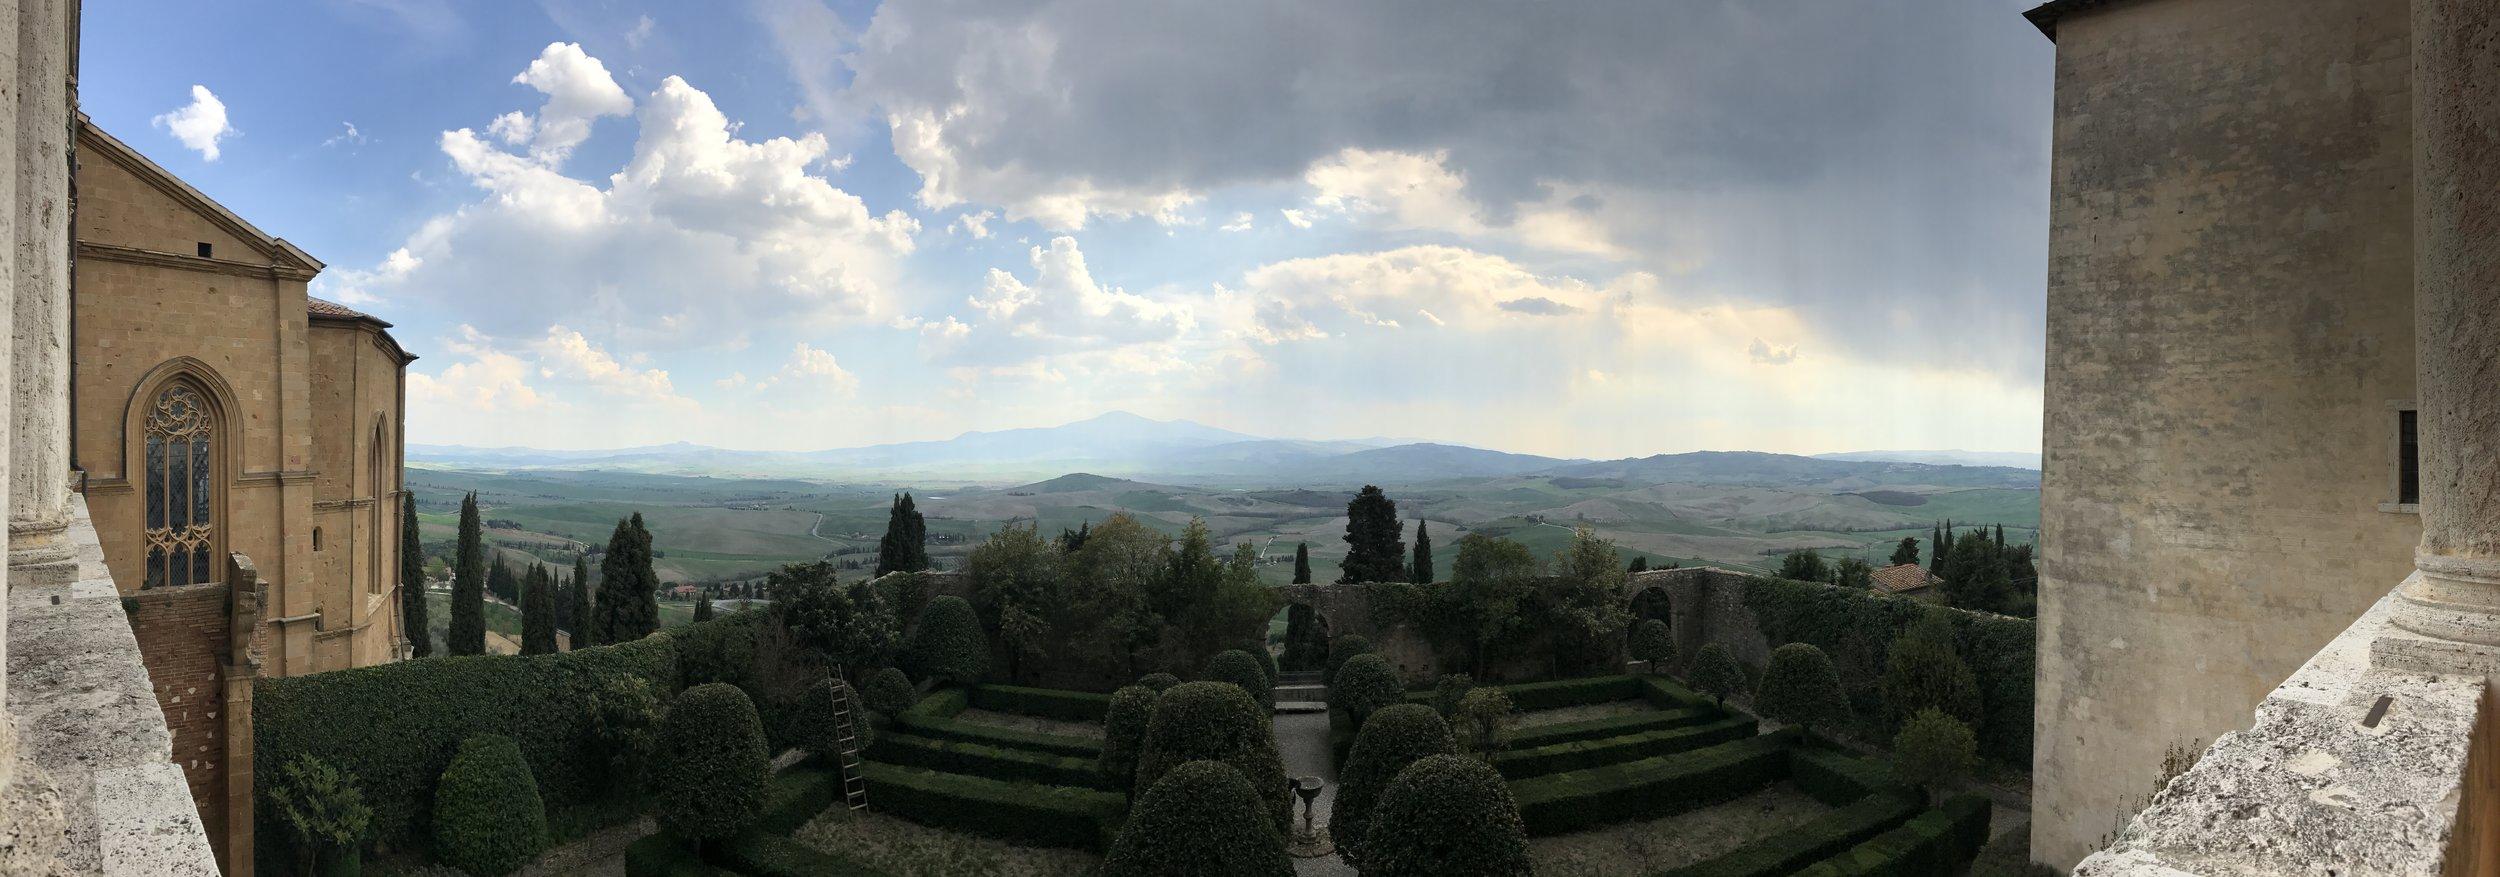 Panorama from la loggia di palazzo